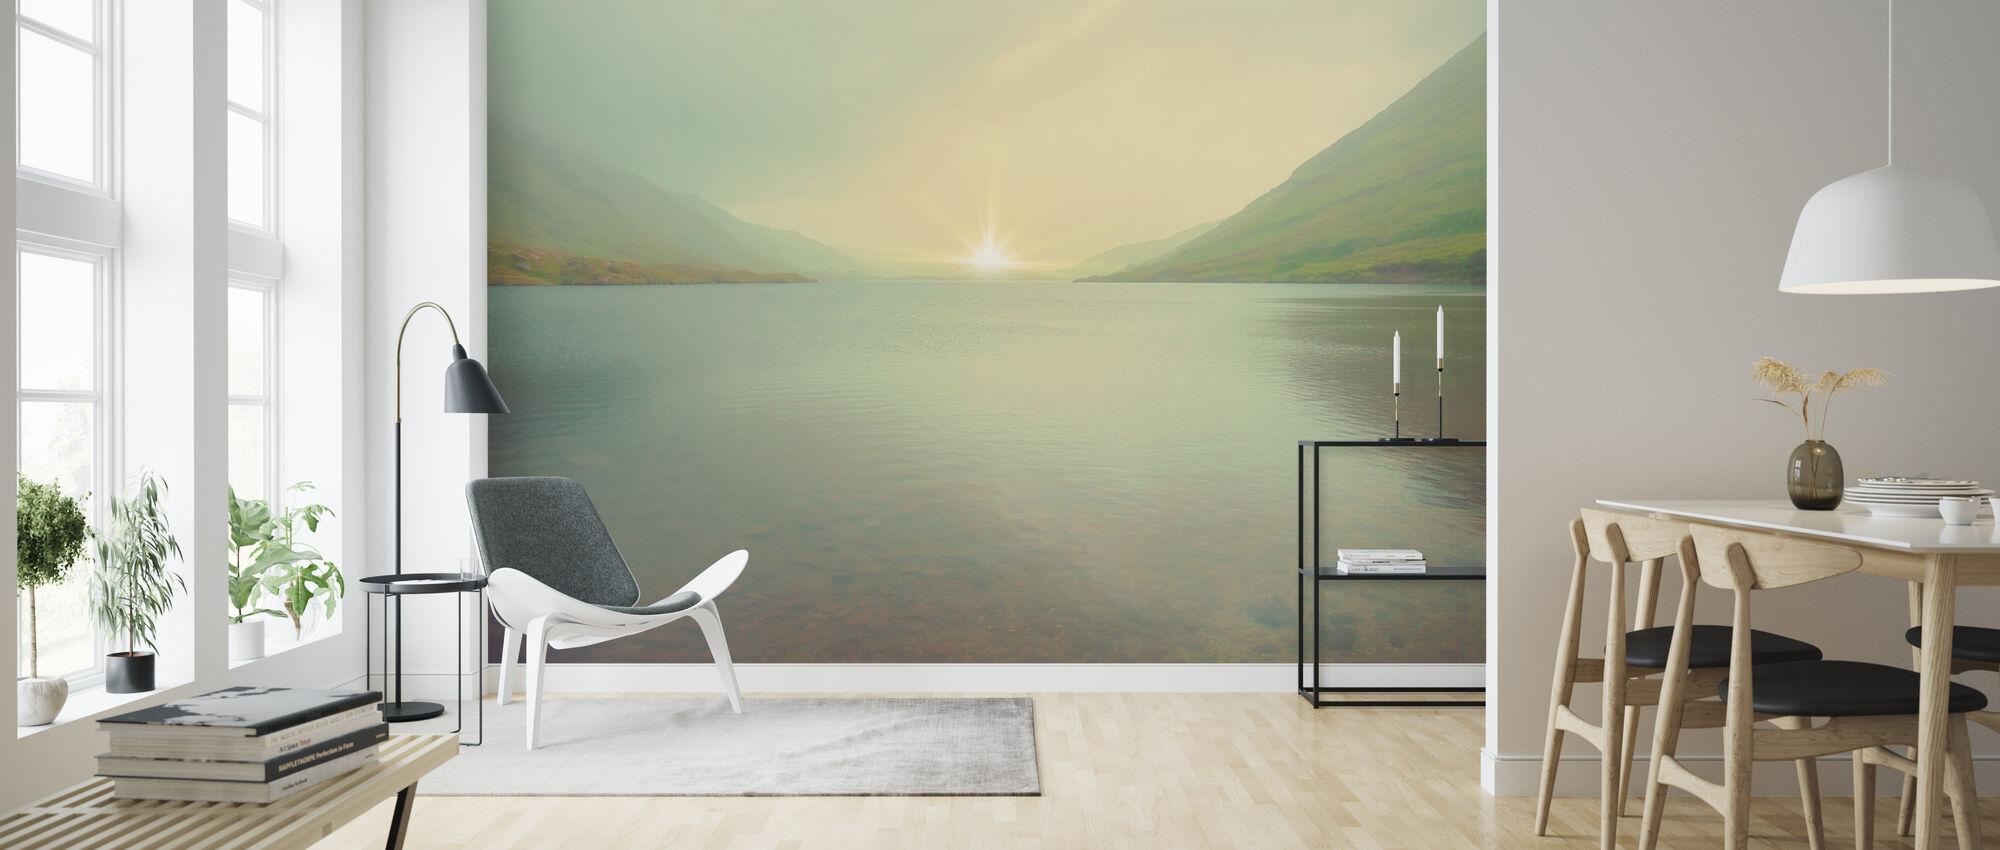 Iridescent Sunrise - Wallpaper - Living Room